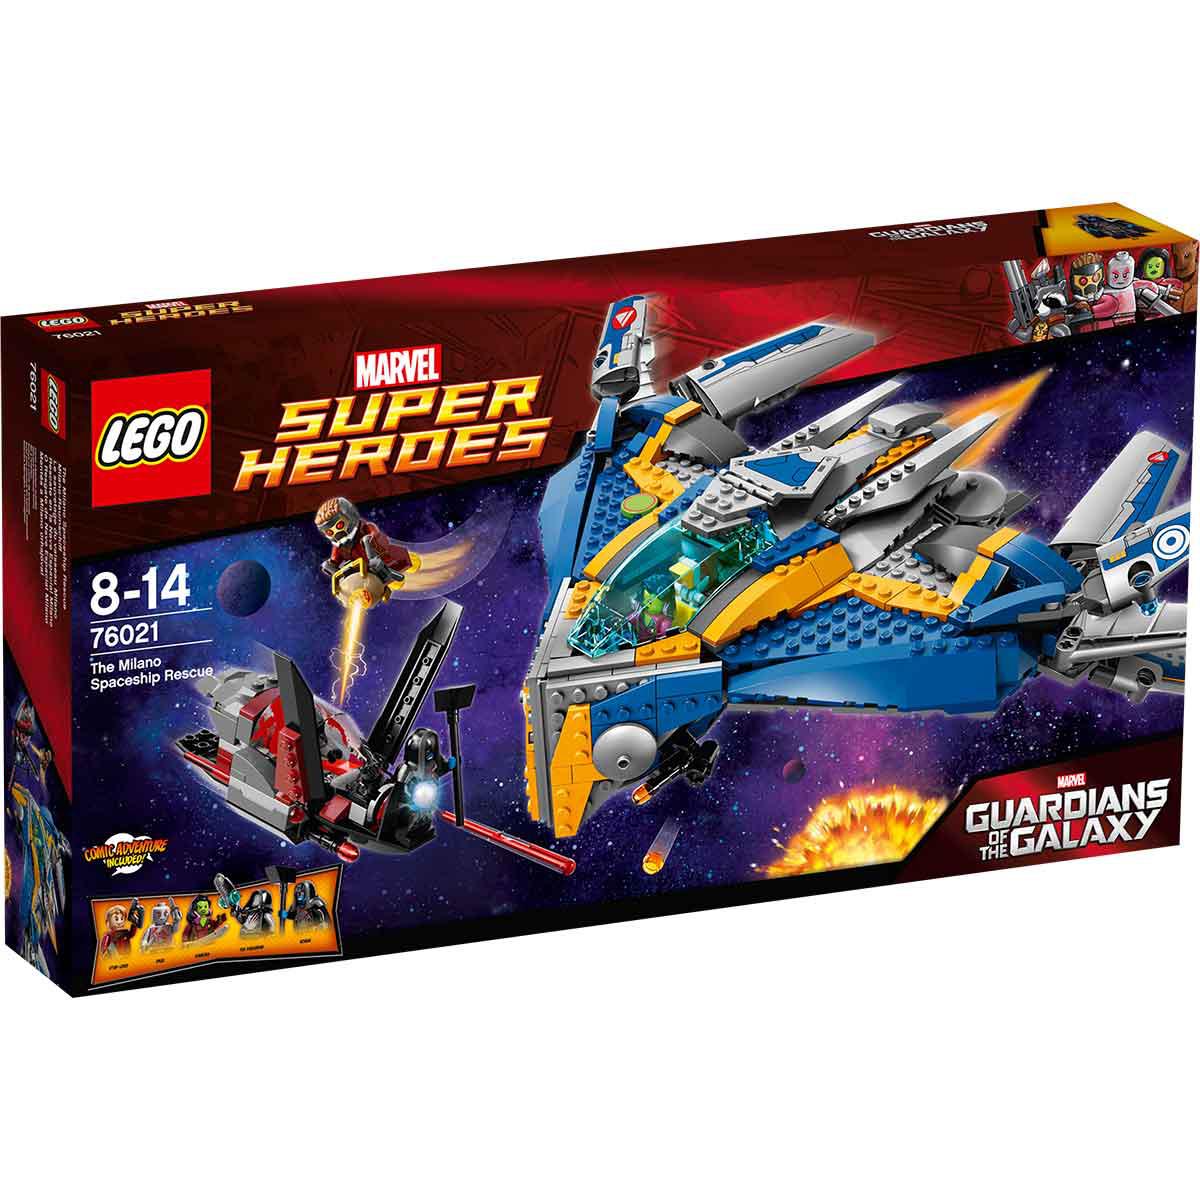 20% de réduction pour 3 boites de Lego achetées